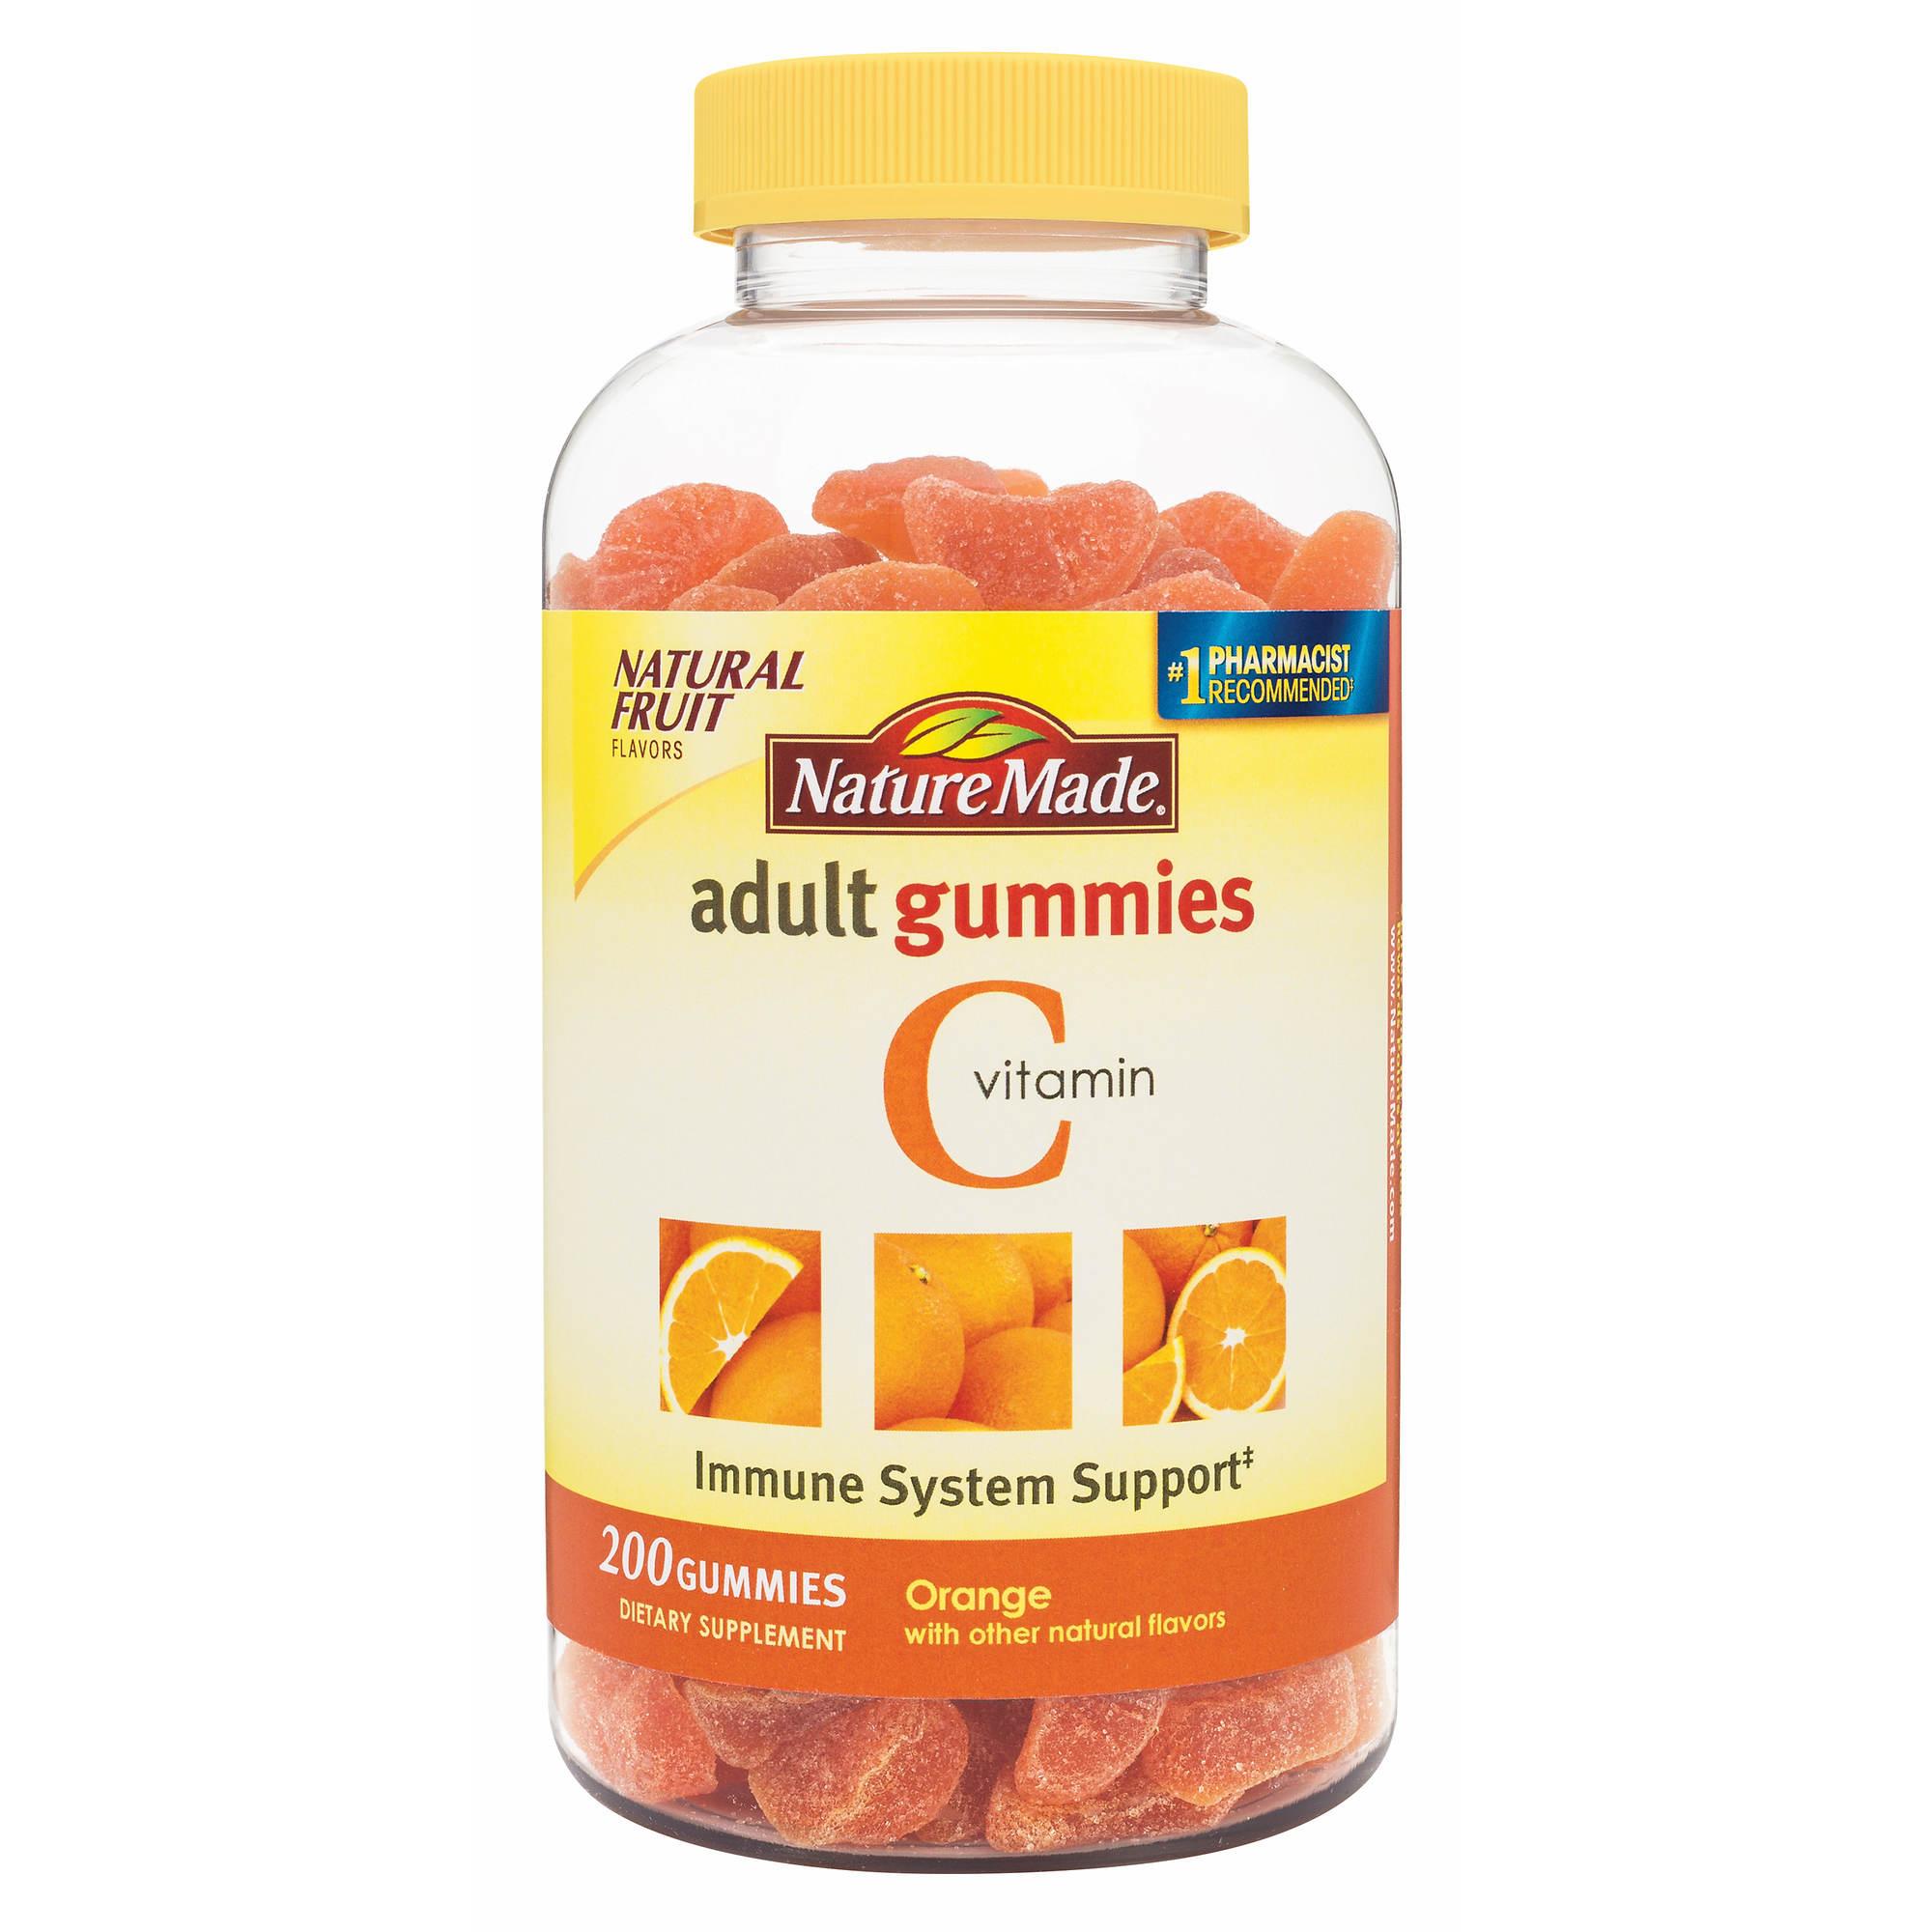 Nature Made Vitamin C Adult Gummies 200 Ct Bjs Wholesale Club Kirkland 1000mg 0 Undefined